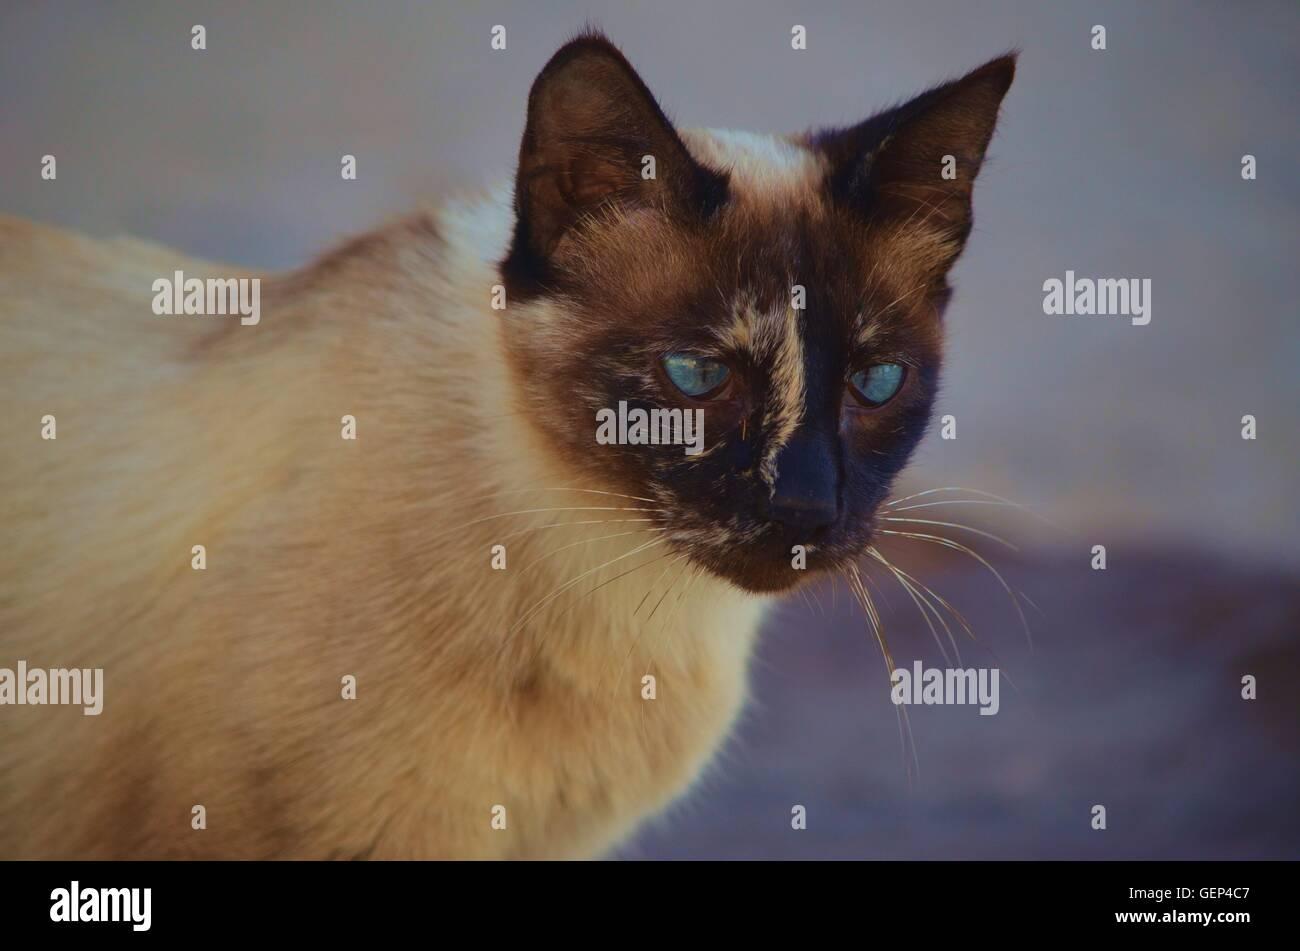 Ritratto Di Un Gatto Siamese Gatto Con Vivaci Occhi Blu E Beige